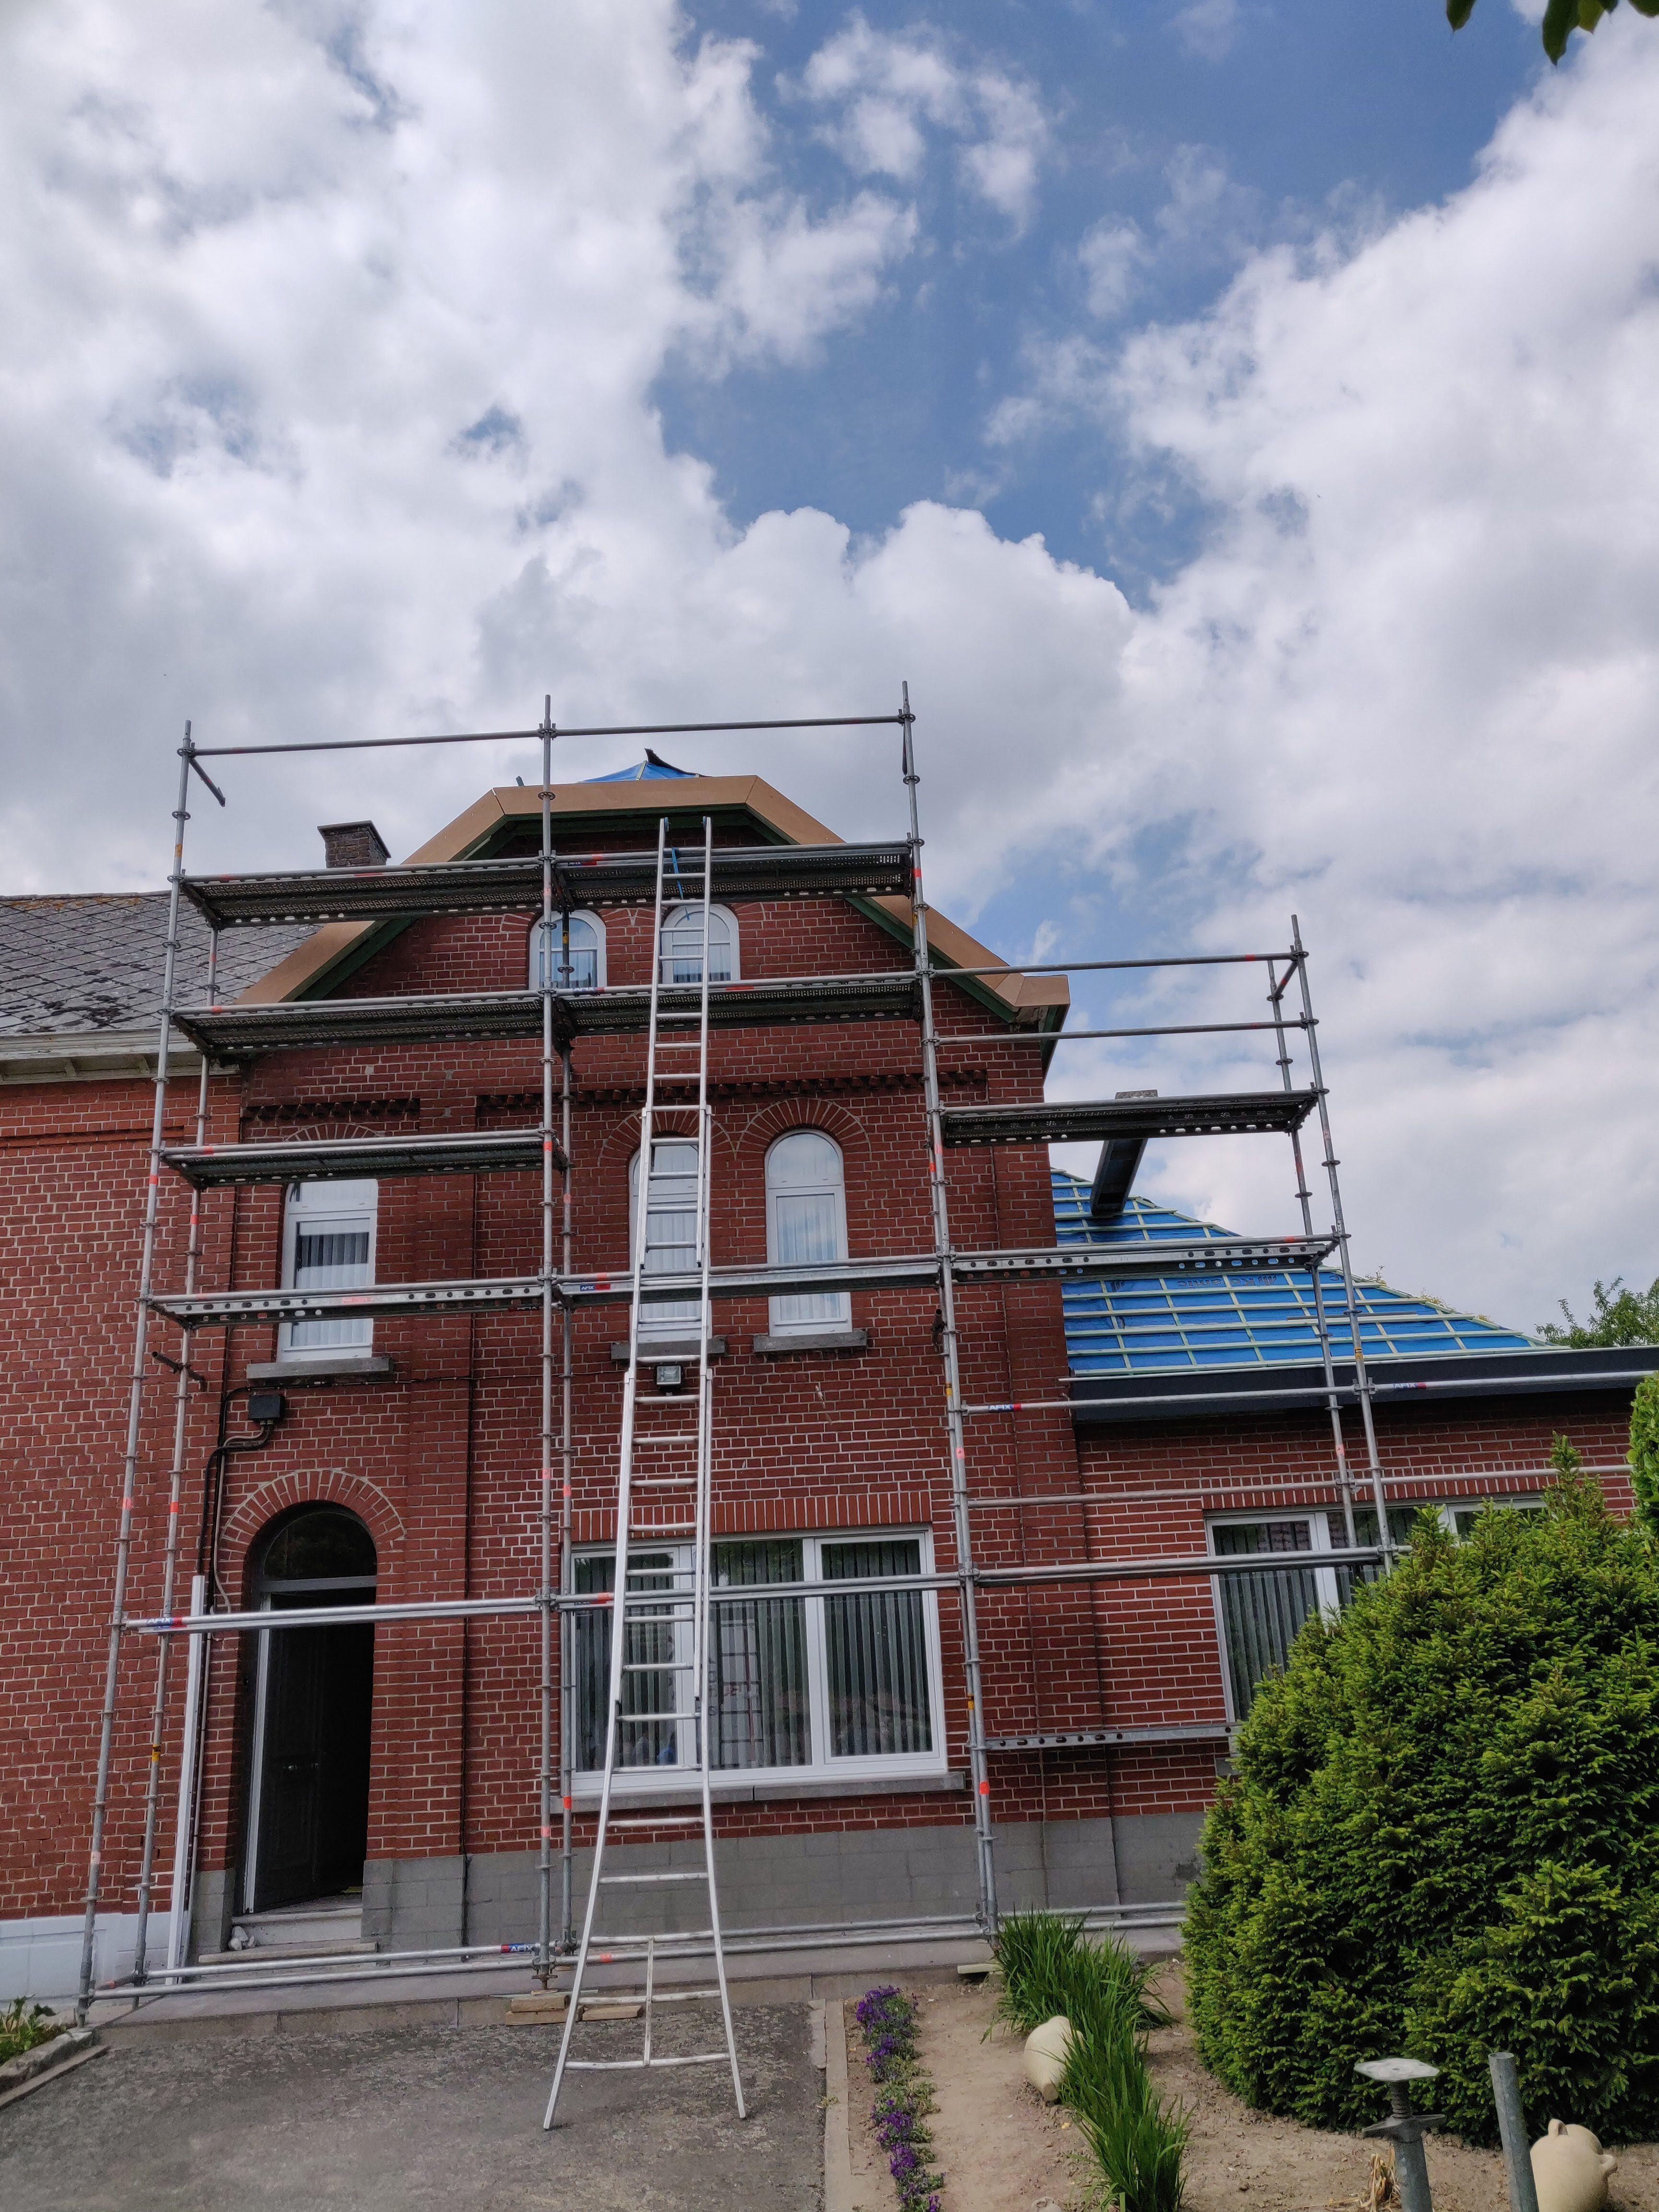 Verbouwing Voorde gallery image 2